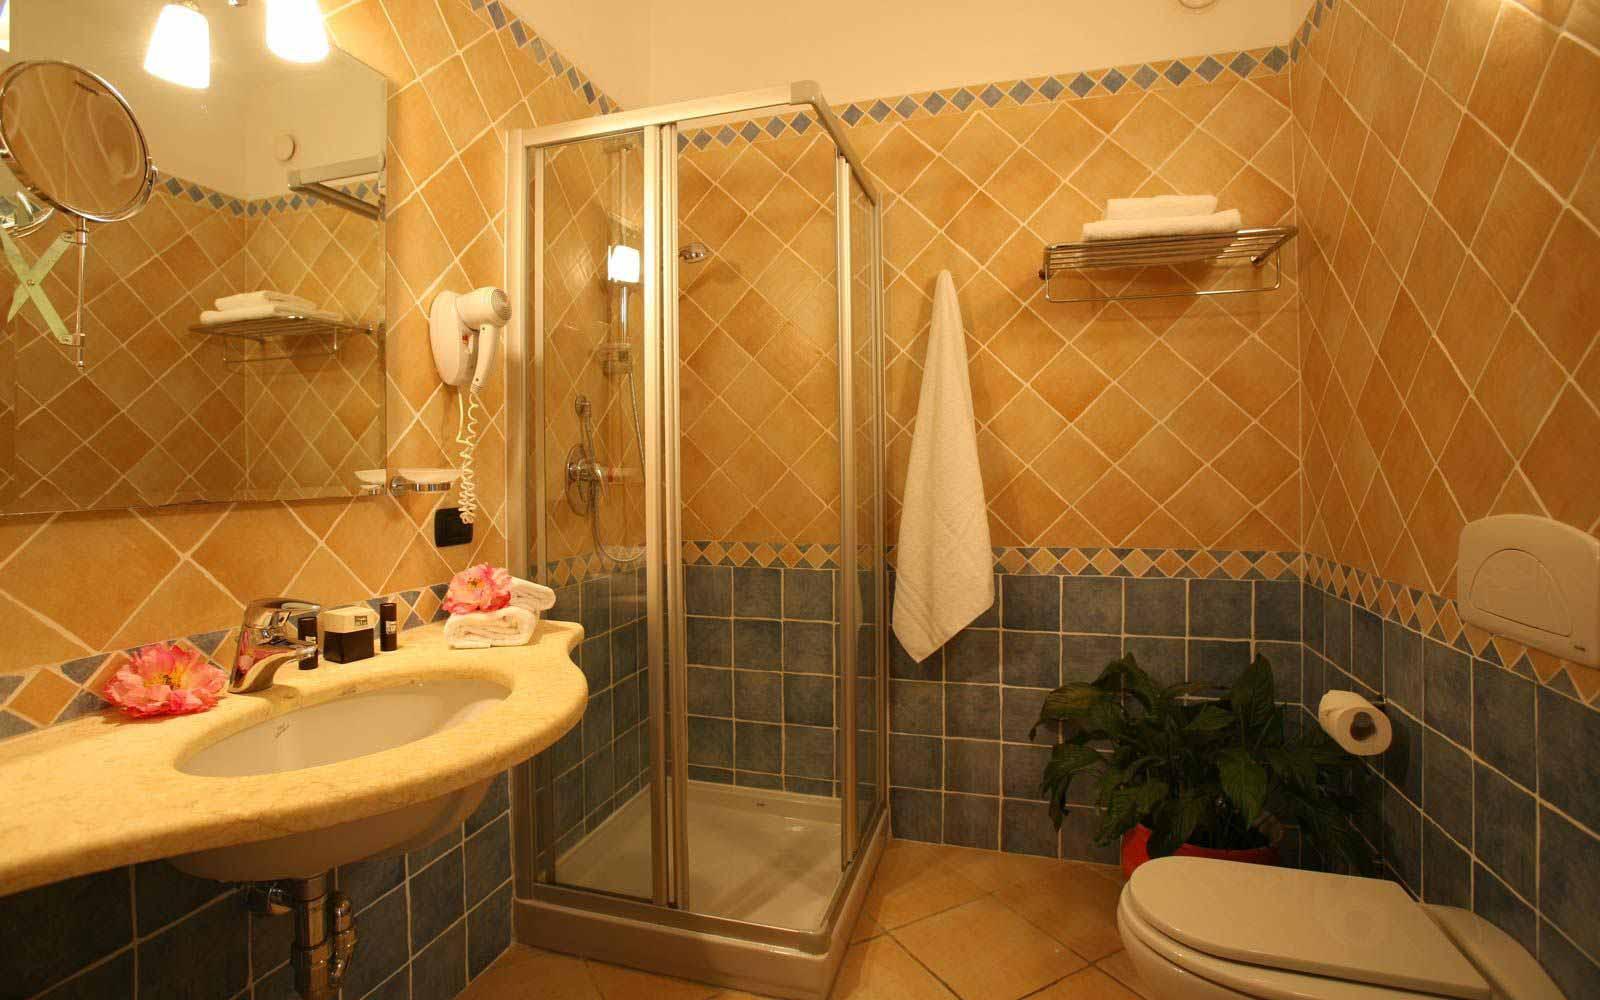 Bathroom at Blu Hotel Morisco